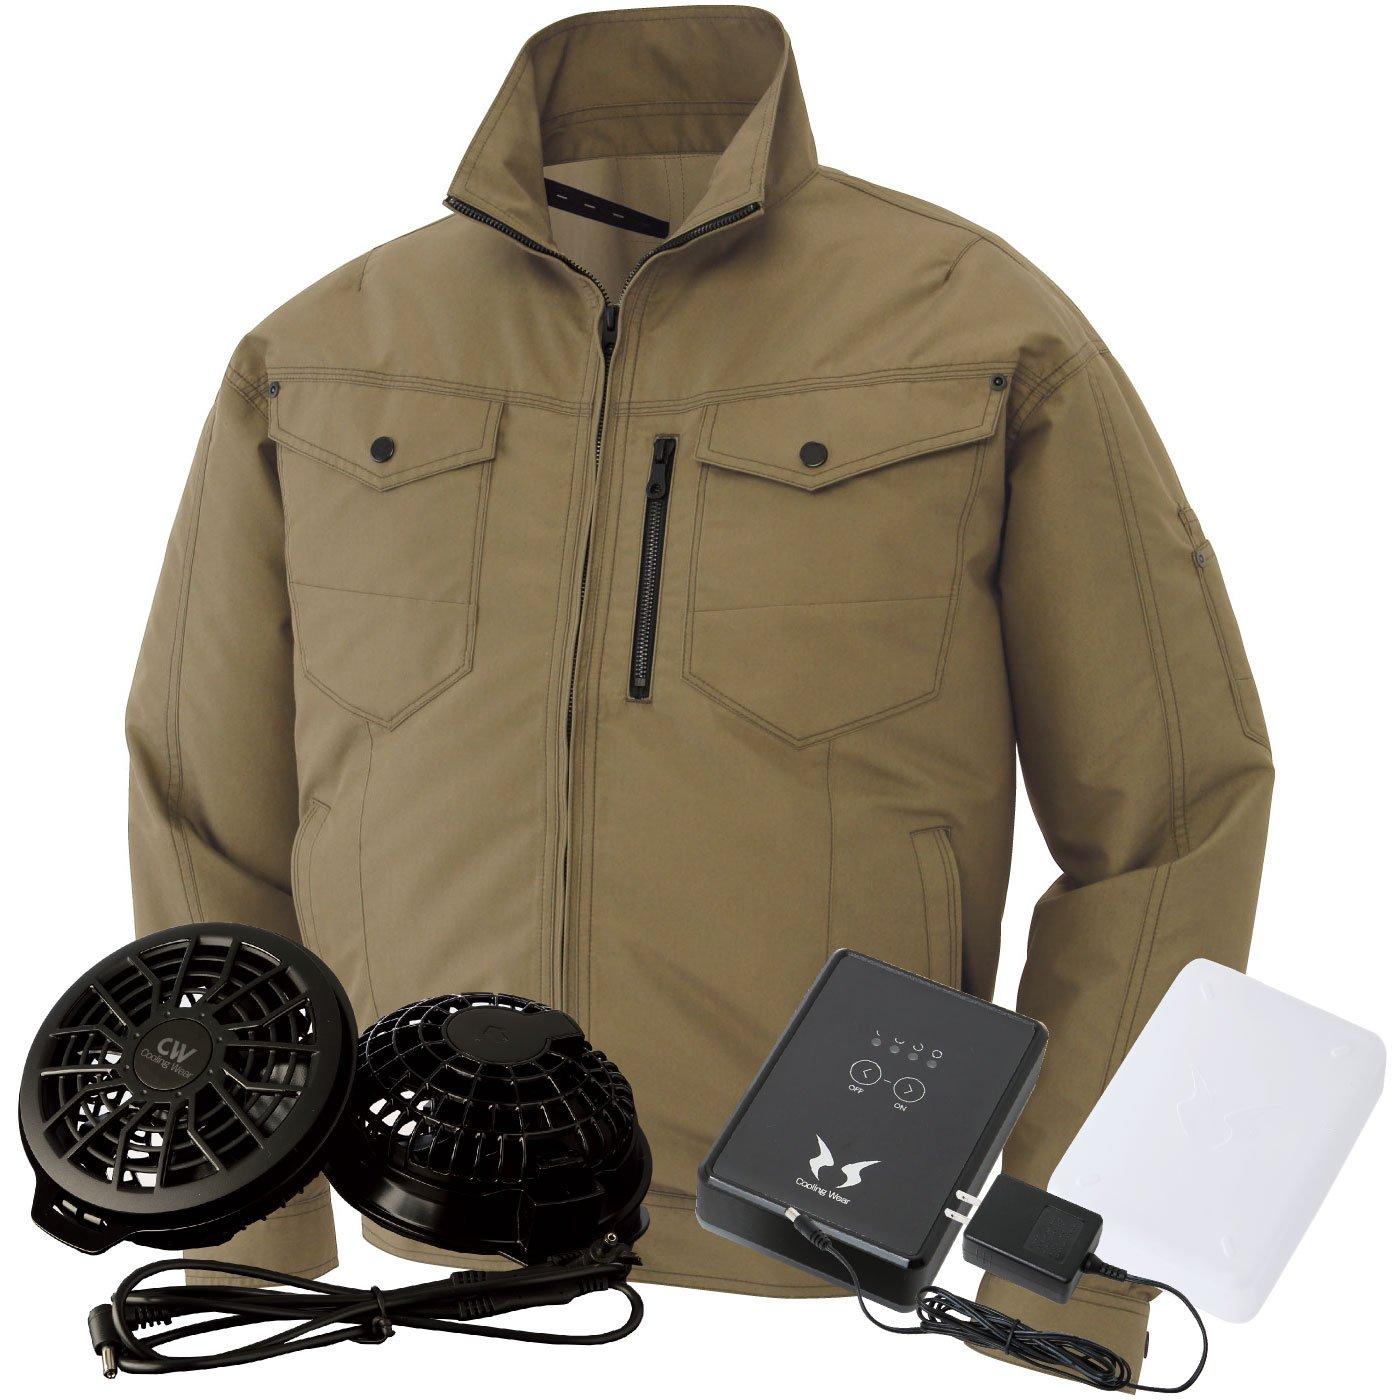 サンエス(SUN-S) 空調風神服 (空調服+ファンRD9820R+バッテリーRD9870J) ss-ku95100-l B07BSNPNNR 5L|カーキ/黒ファン カーキ/黒ファン 5L